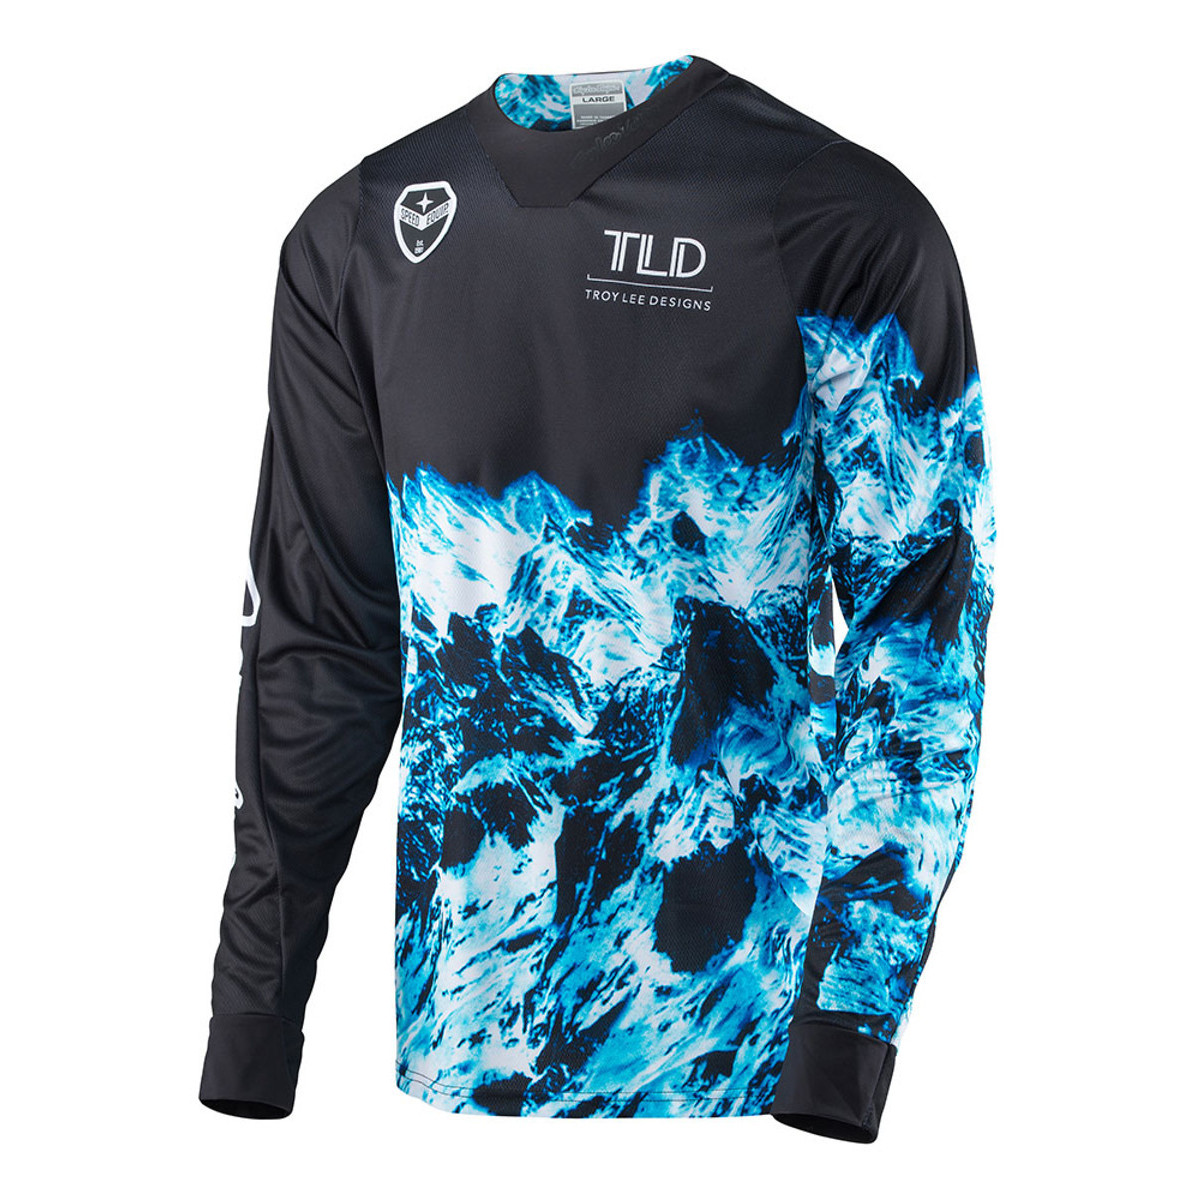 TLD SE Jersey - Gravity Black